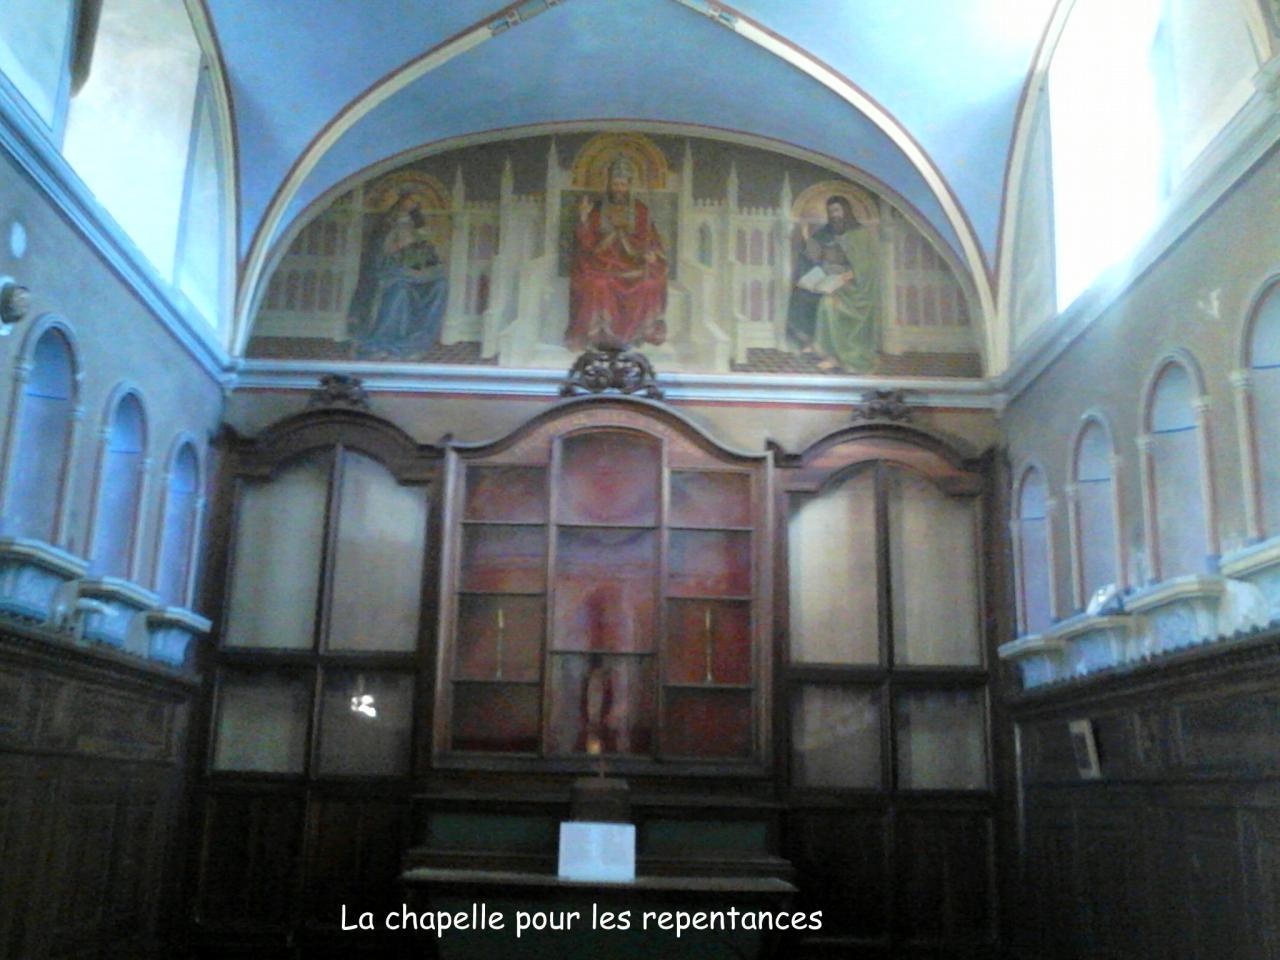 La chapelle des repentances